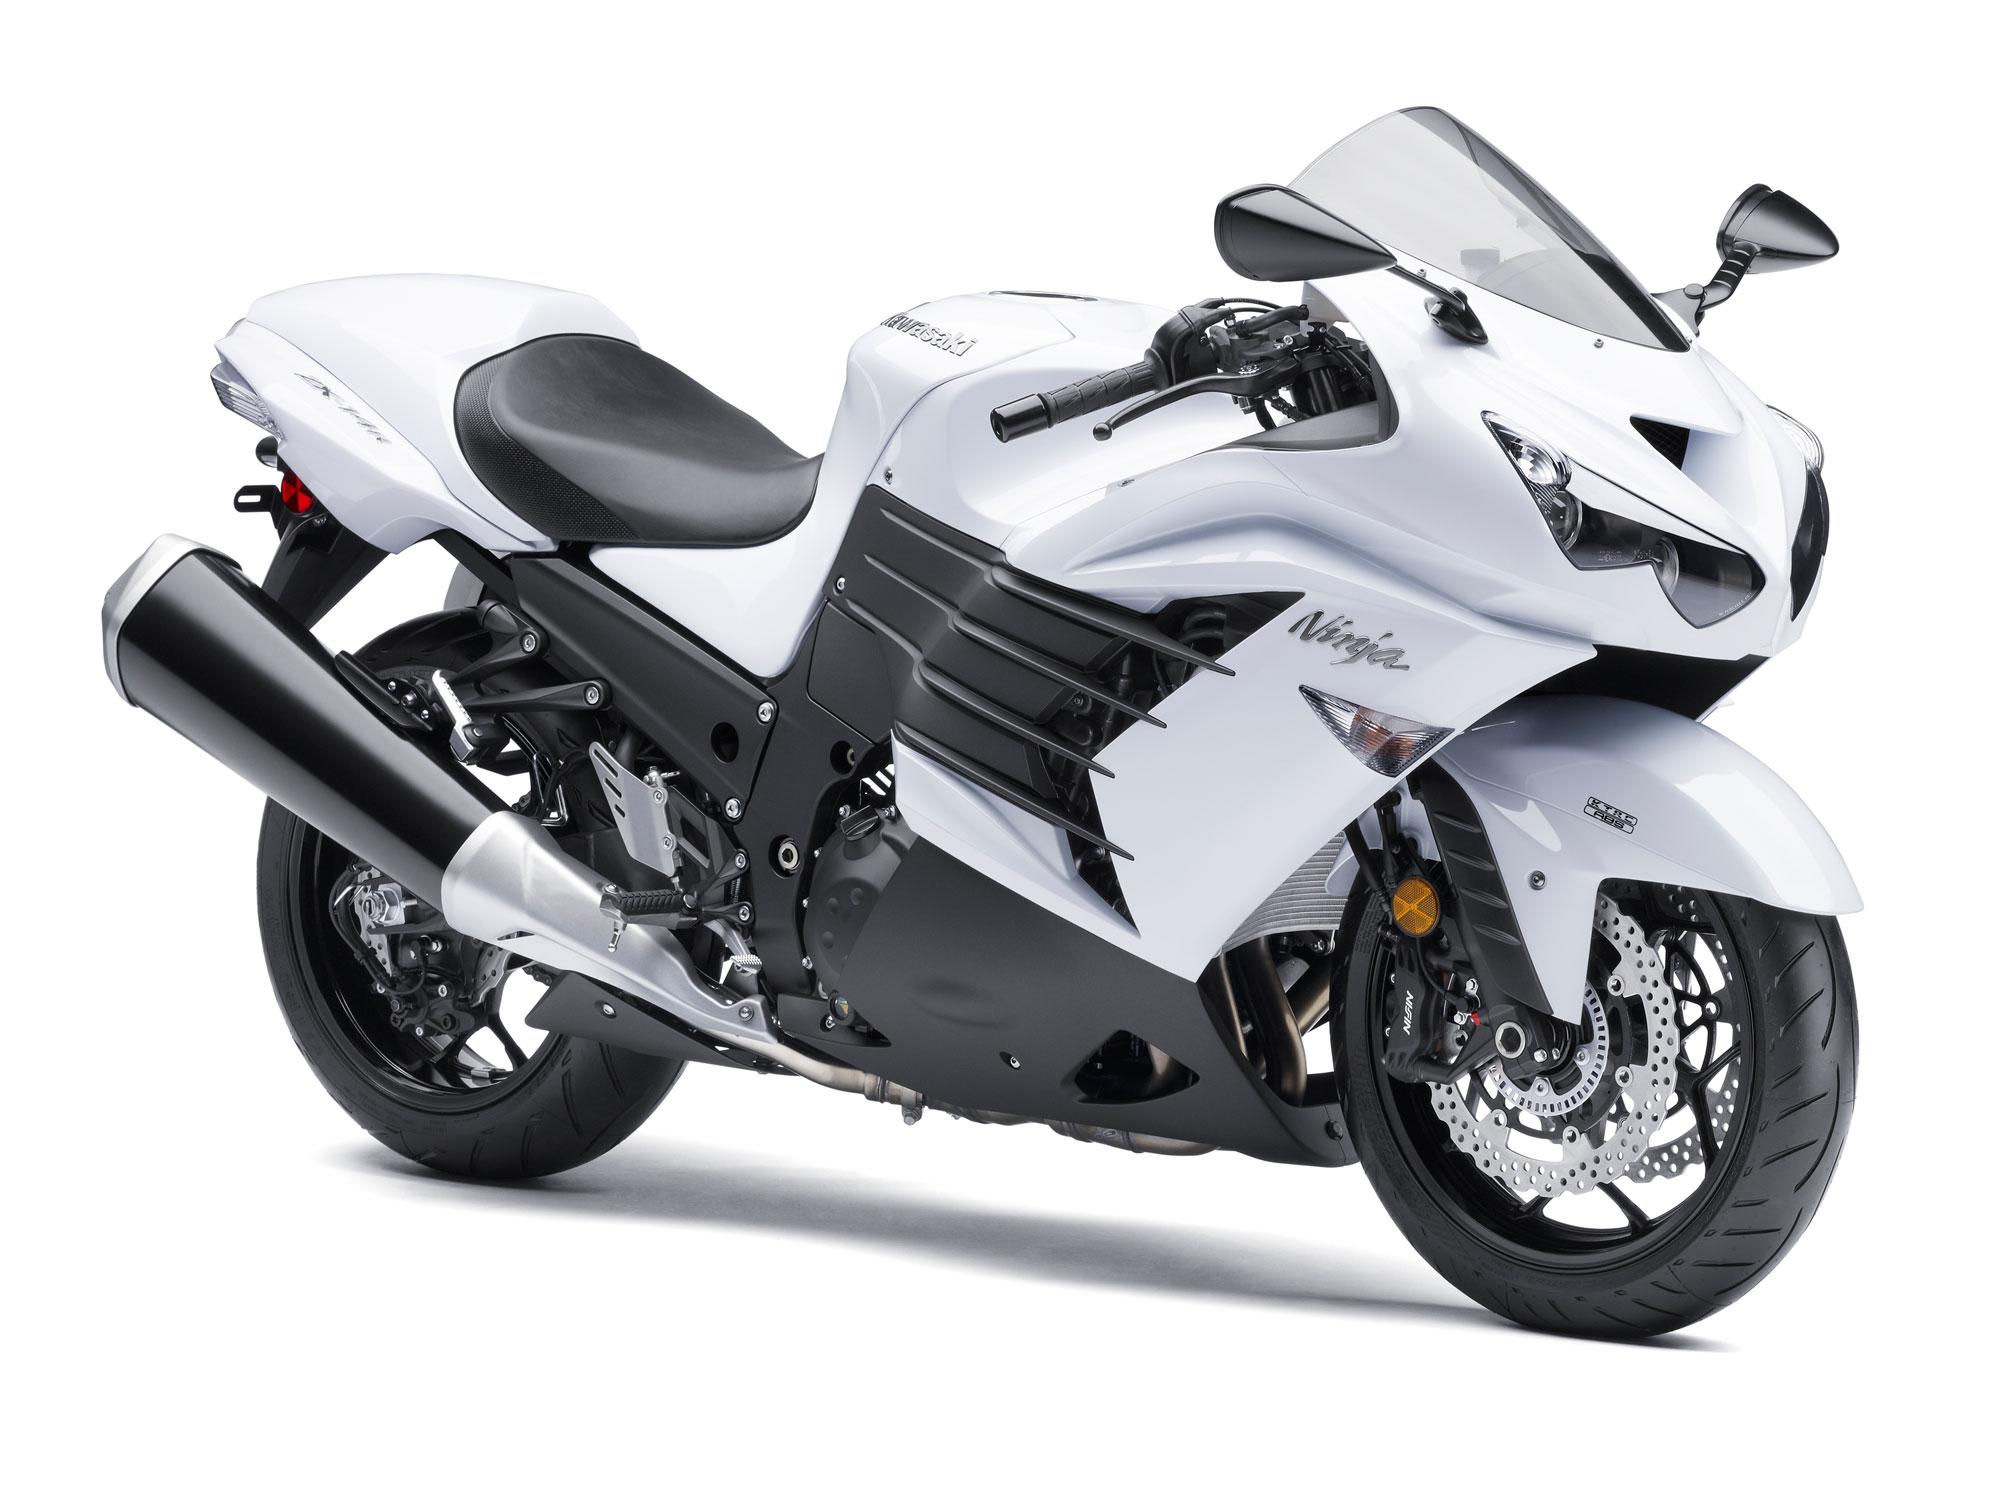 Kawasaki Zx6r Zx10r Z800 Z1000 Sx Versys Led Motorbike Headlights